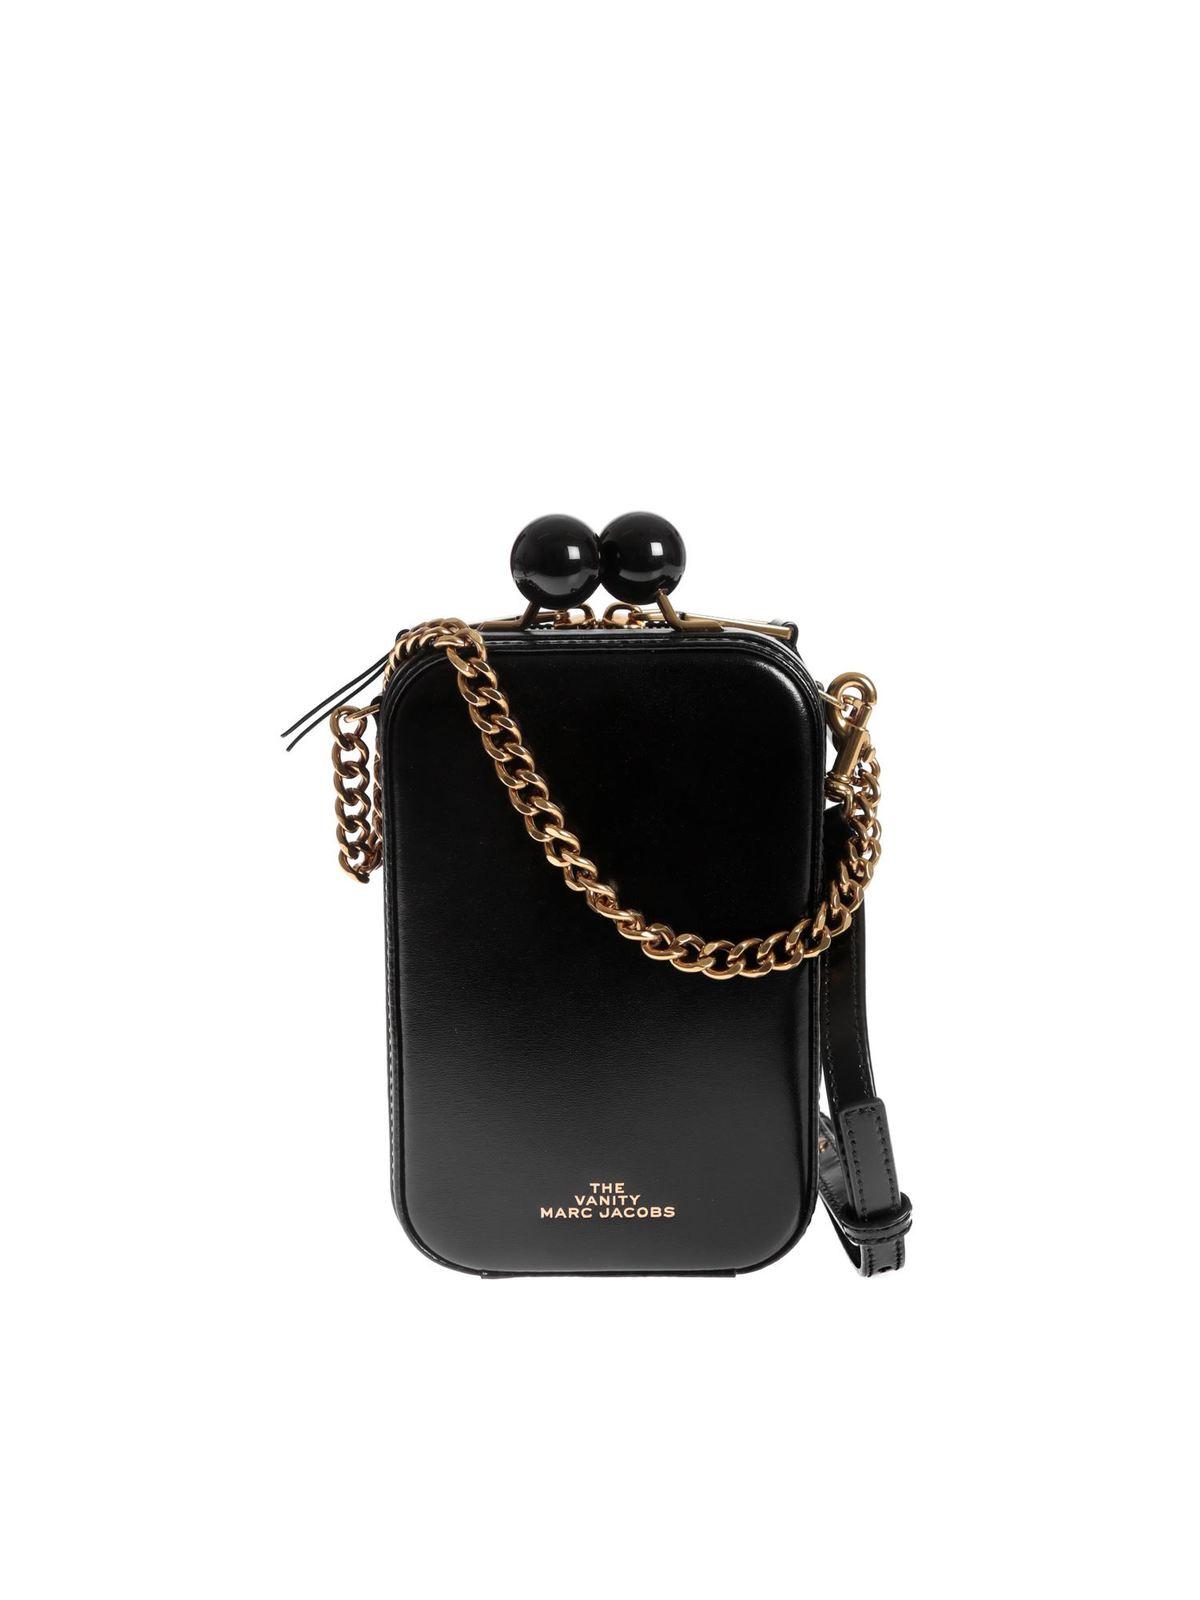 Marc Jacobs - Pochette - Noir - Clutch - M0015417001 | iKRIX.com